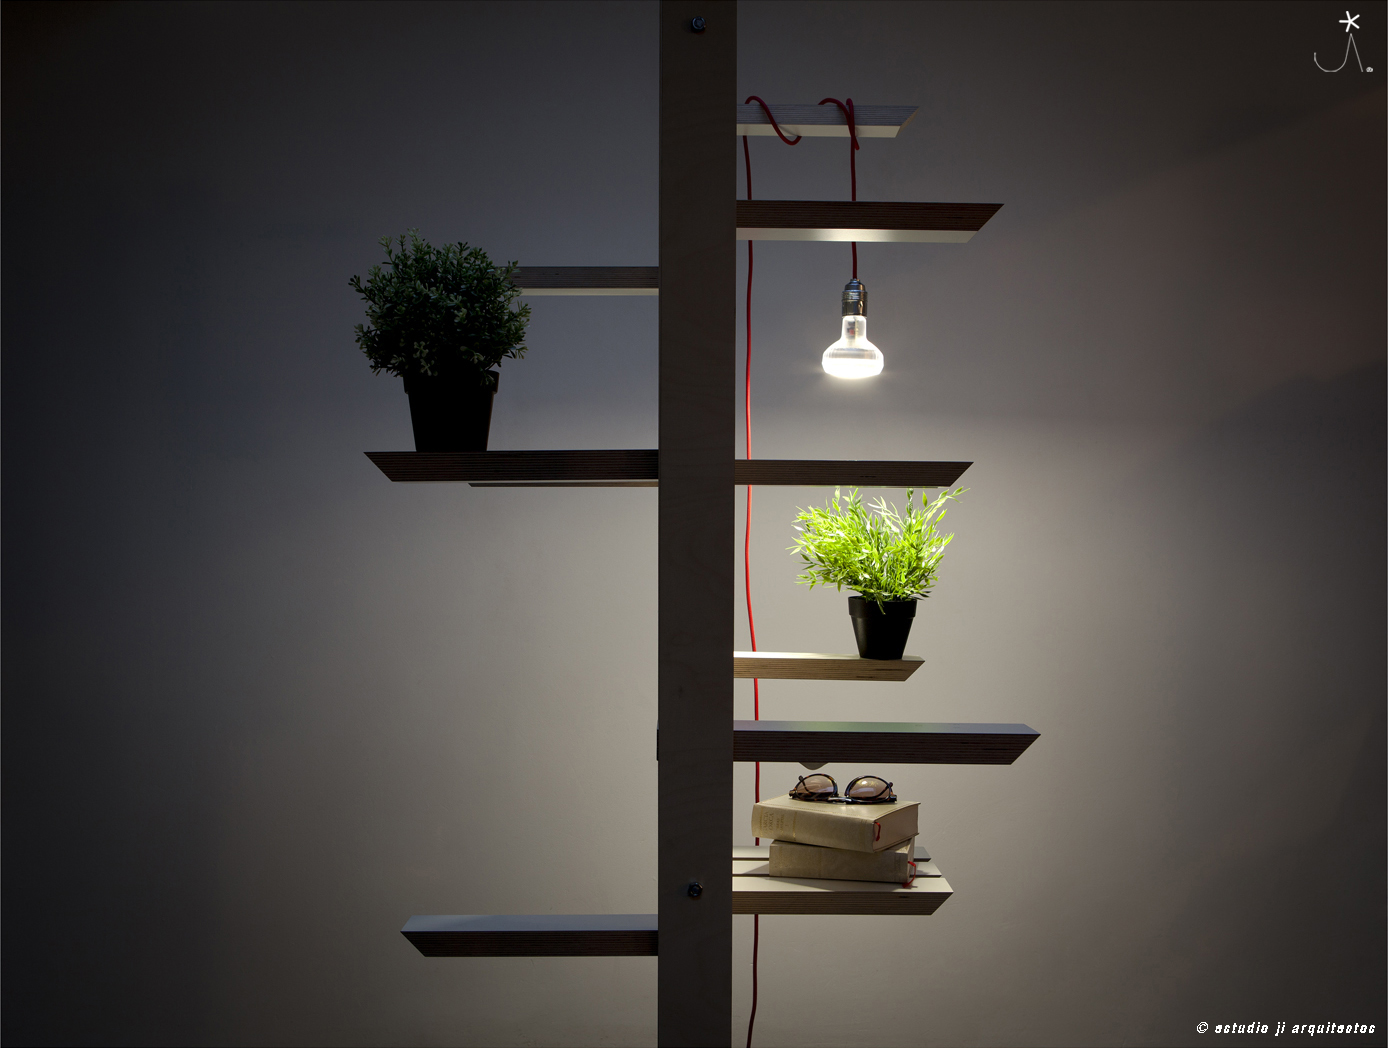 Schön Plug Modulares Raumteiler System Mit Flexiblen, Möbel · Estudio Ji / / /  Design / Furniture / Plug, Möbel